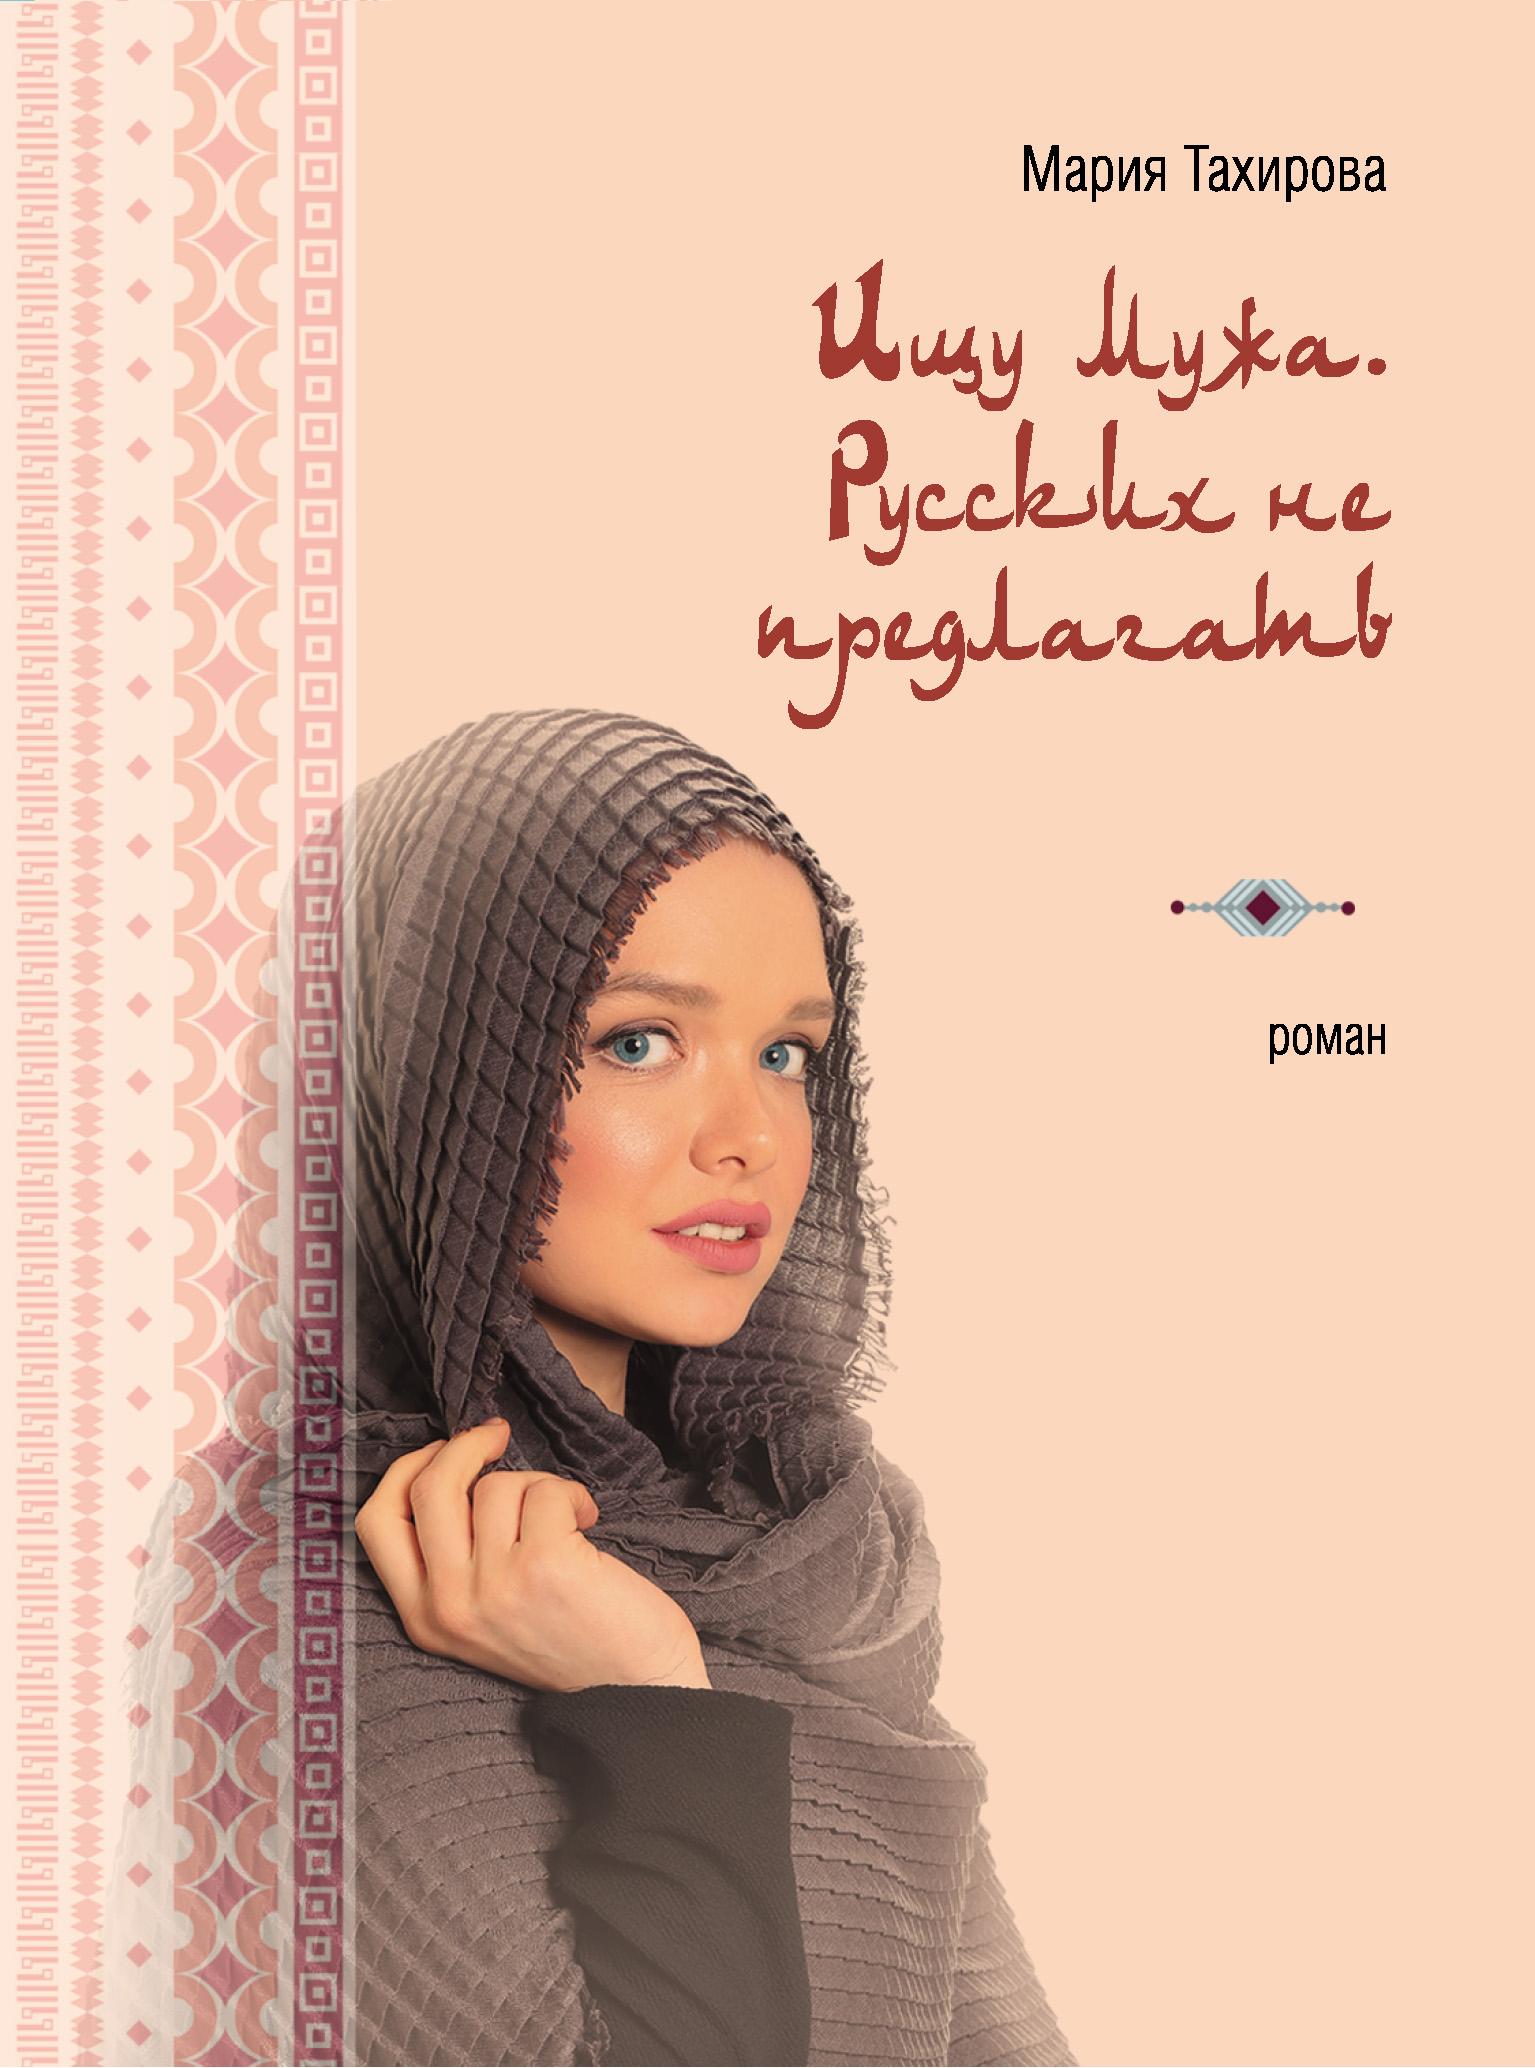 Мария Тахирова Ищу мужа. Русских не предлагать мария тахирова белокурый красавец из далекой страны